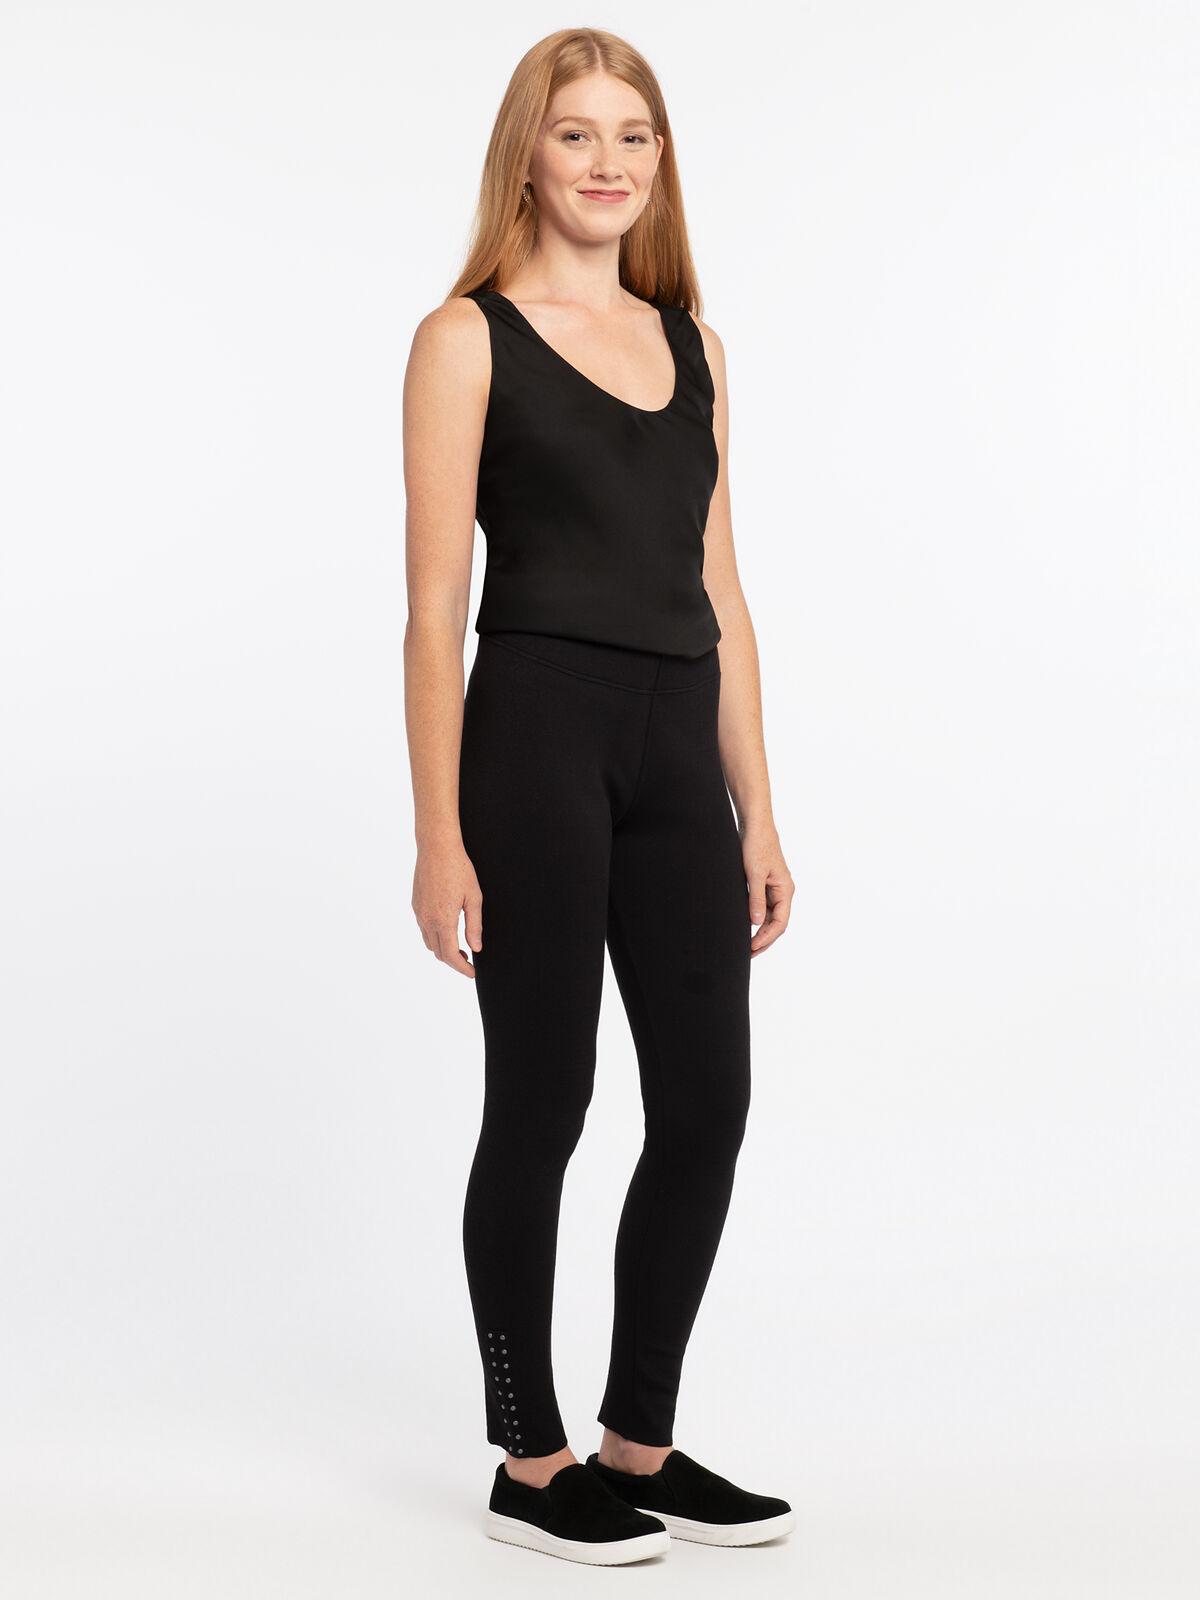 Studded Legging